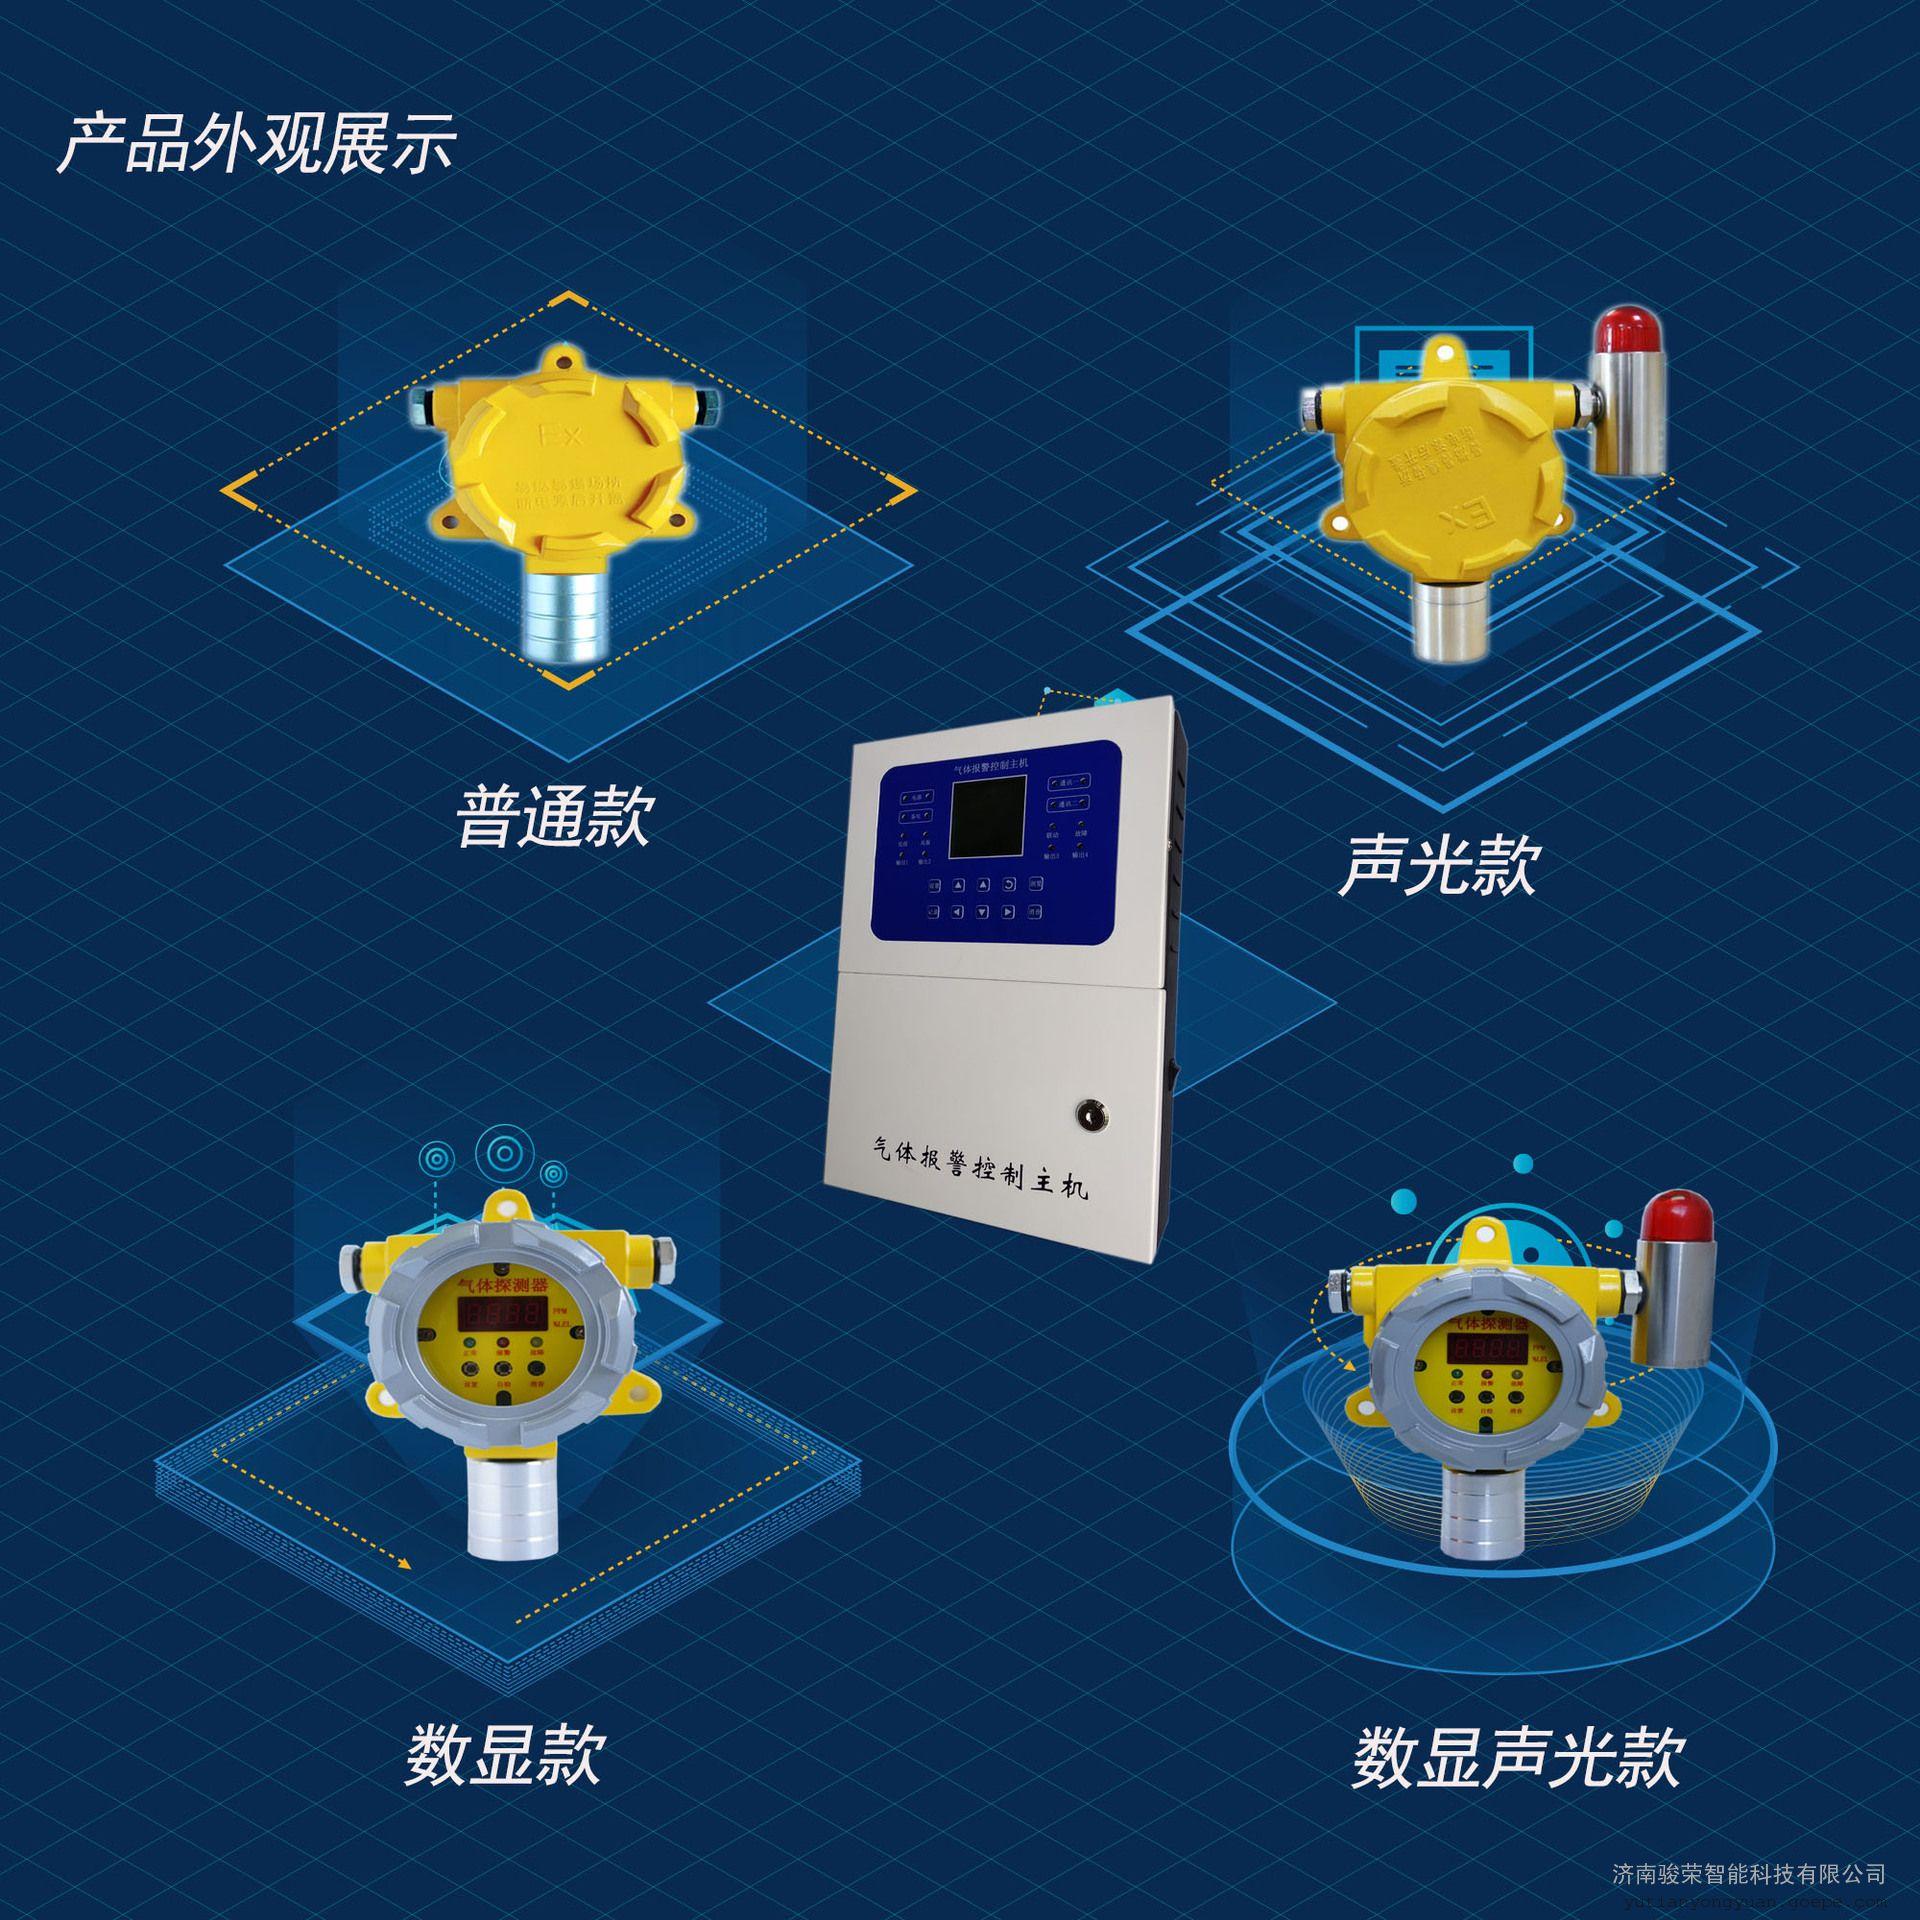 可燃气体报警器 乙炔报警器 可燃气体探测器检测仪 骏荣智能JR-S300